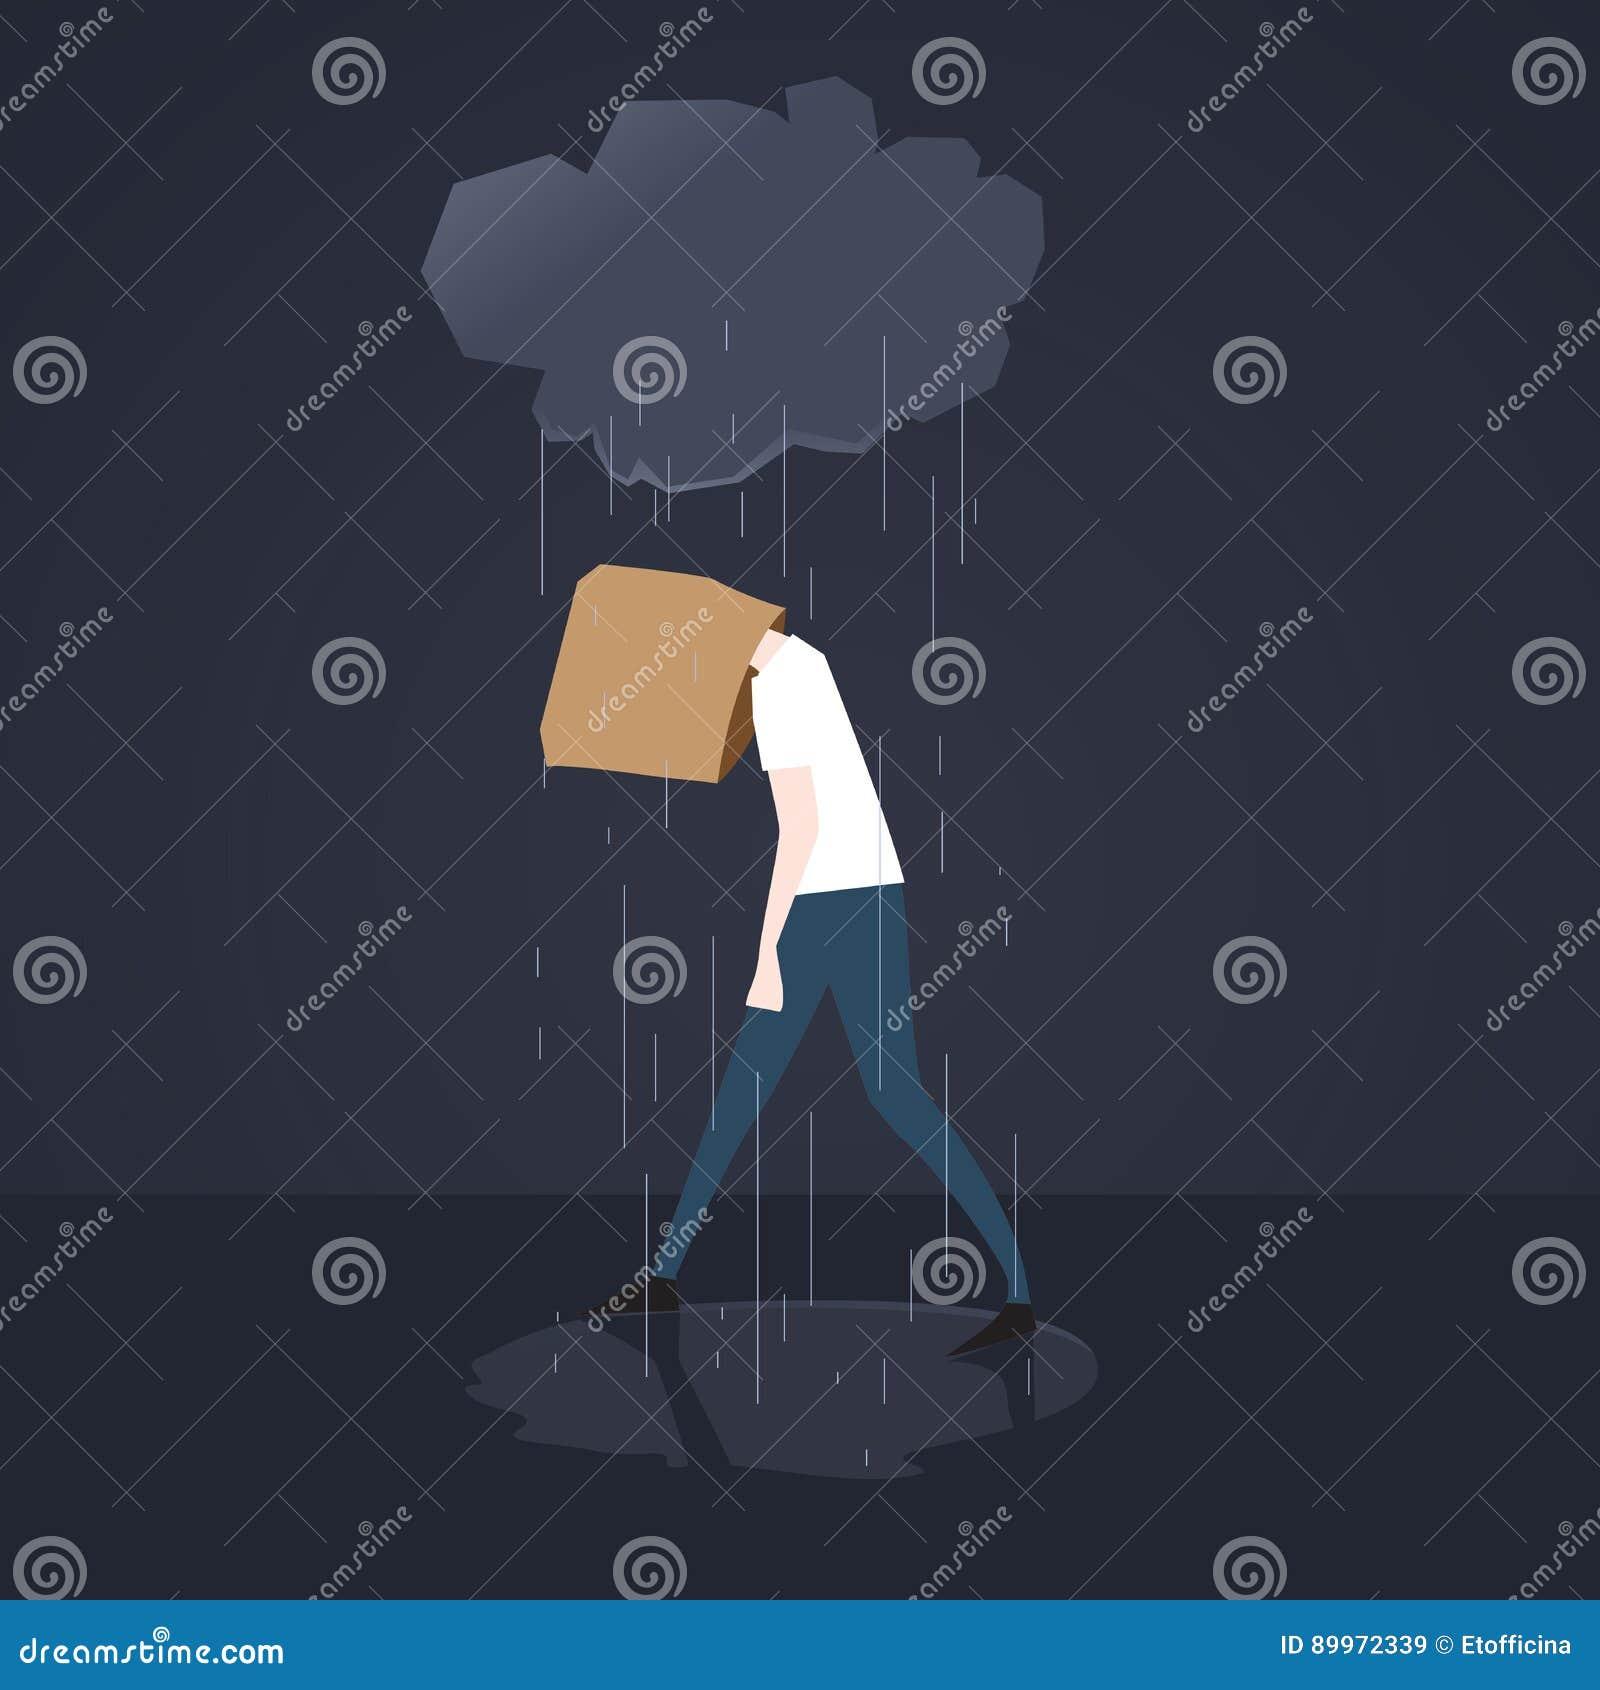 rain man psychology essay